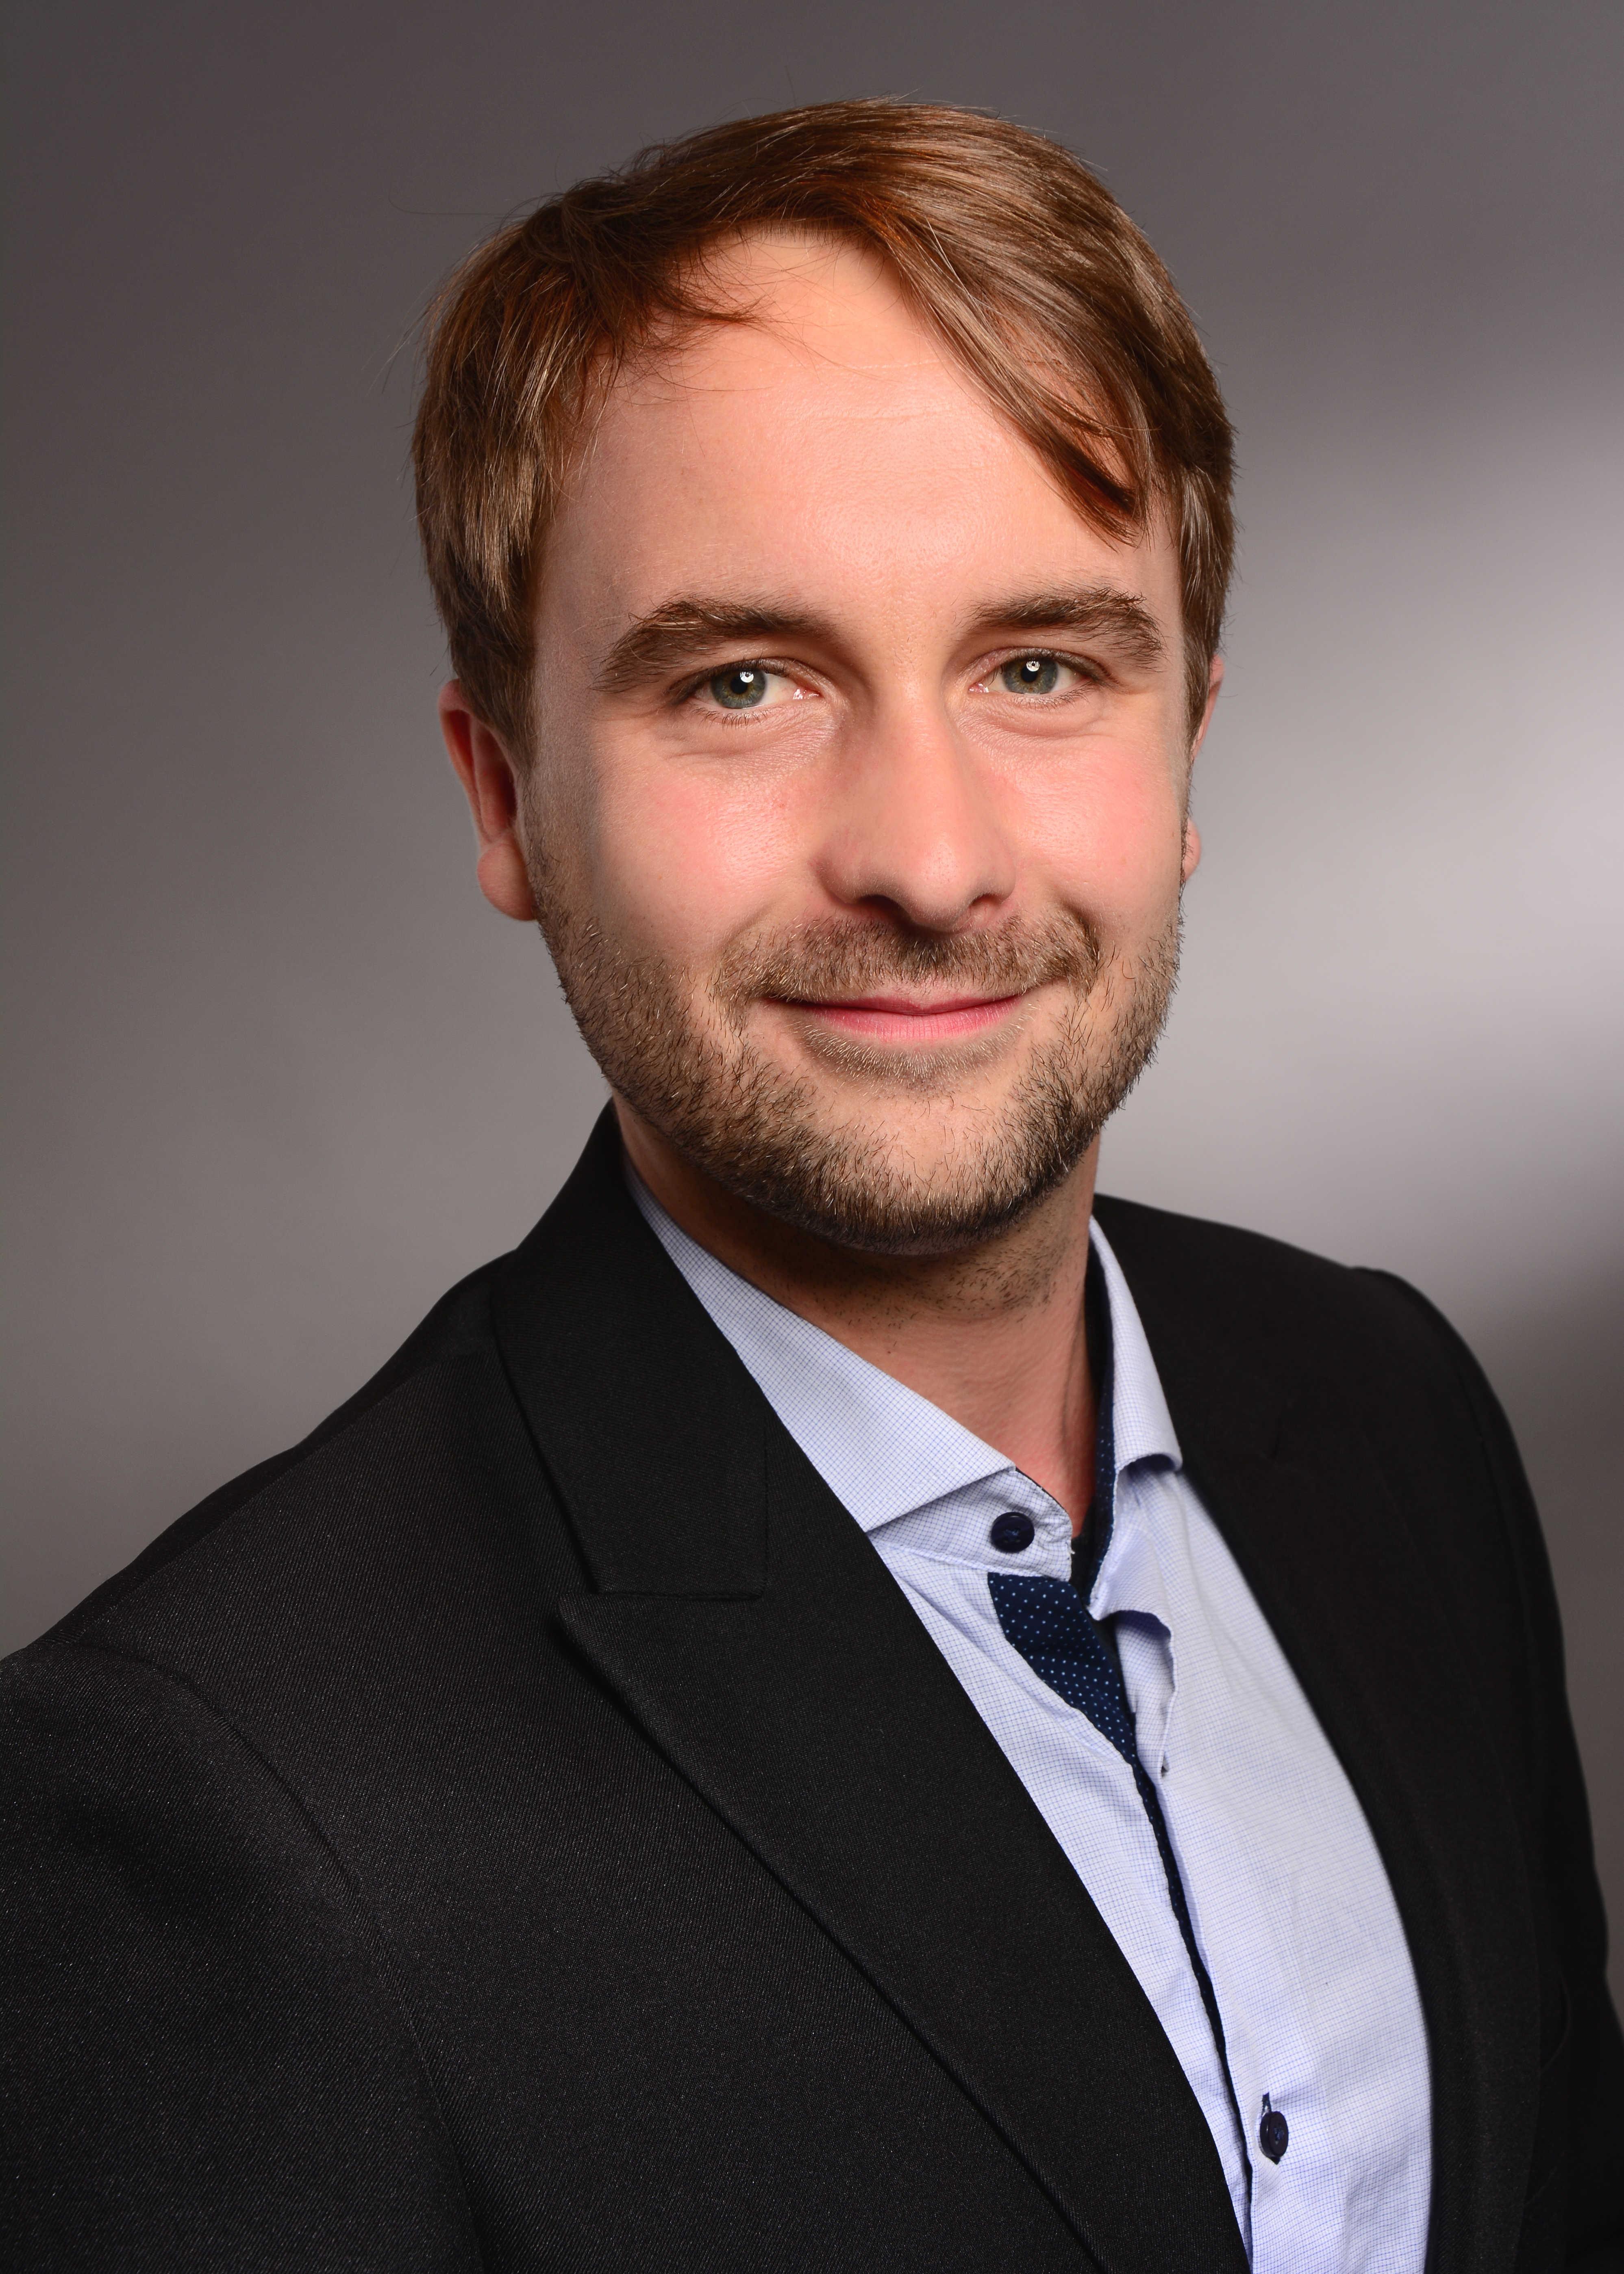 """Christian König  ist Mitglied beim Verein """"Mehr Demokratie"""", der Volksentscheide auf Bundesebene fordert. Bild: privat"""